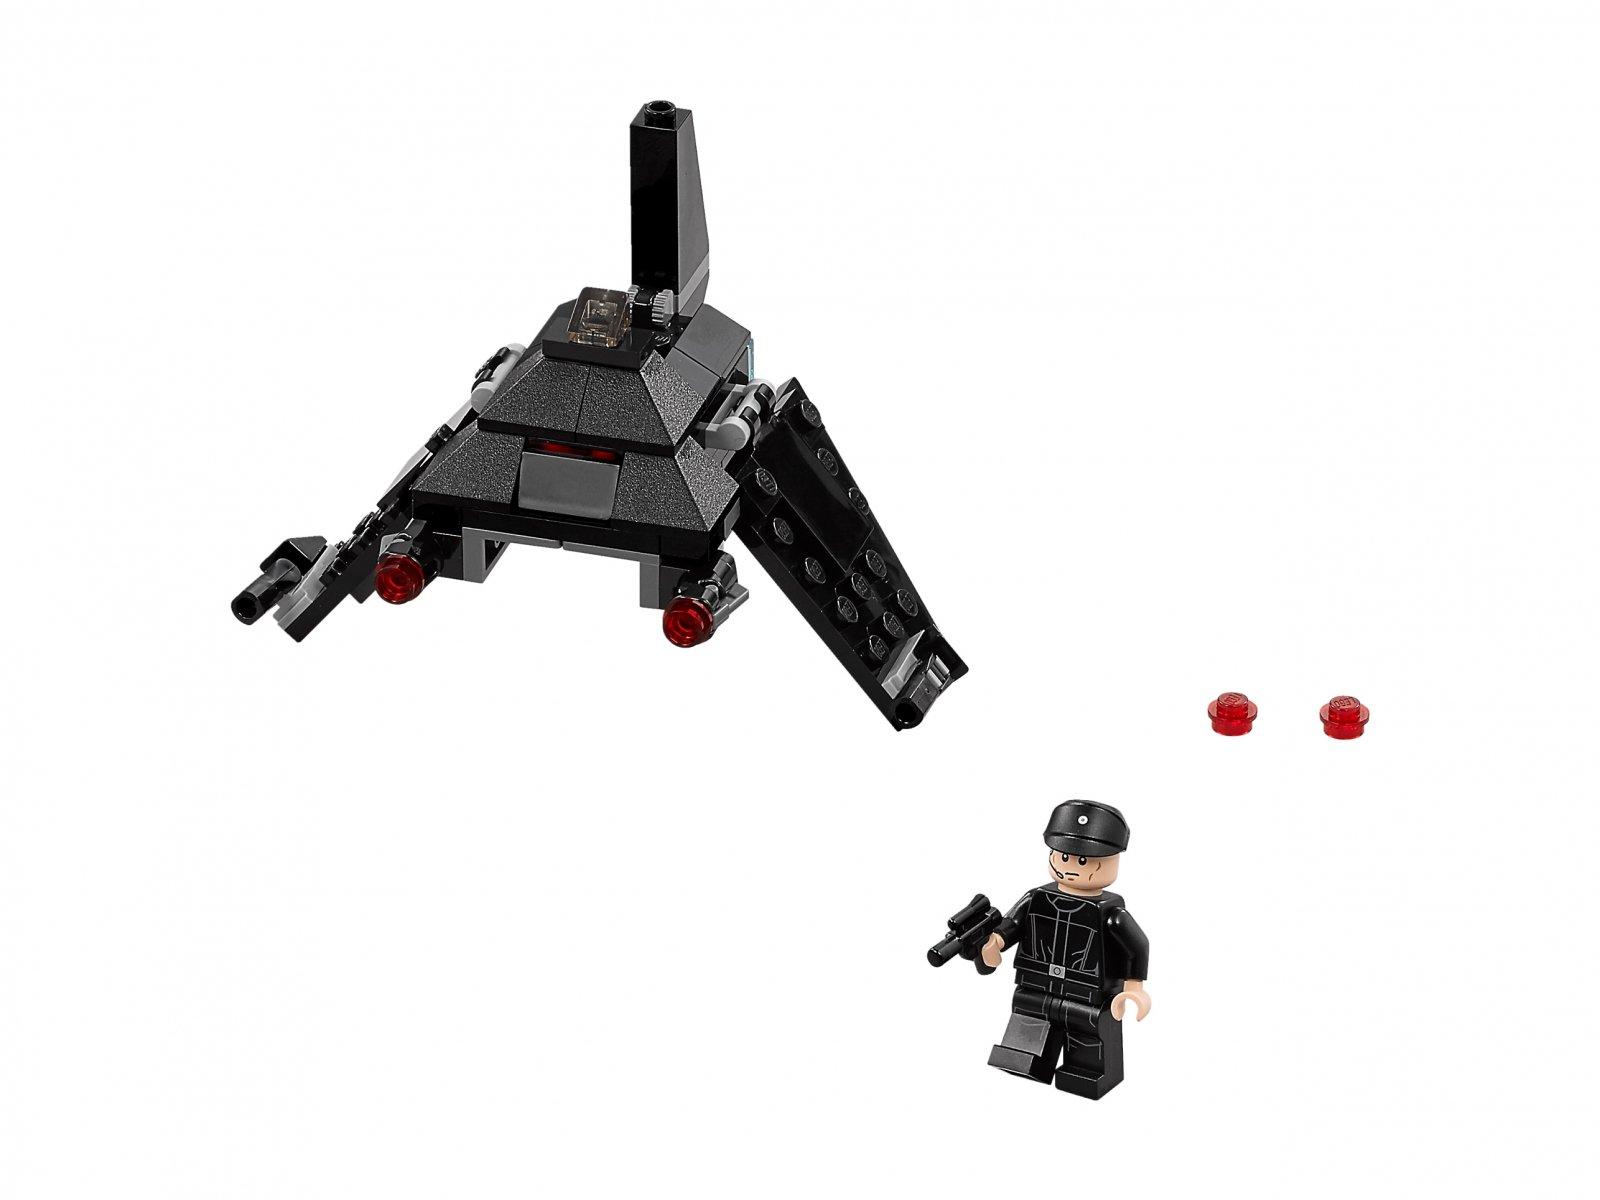 LEGO Star Wars™ Imperialny wahadłowiec Krennica™